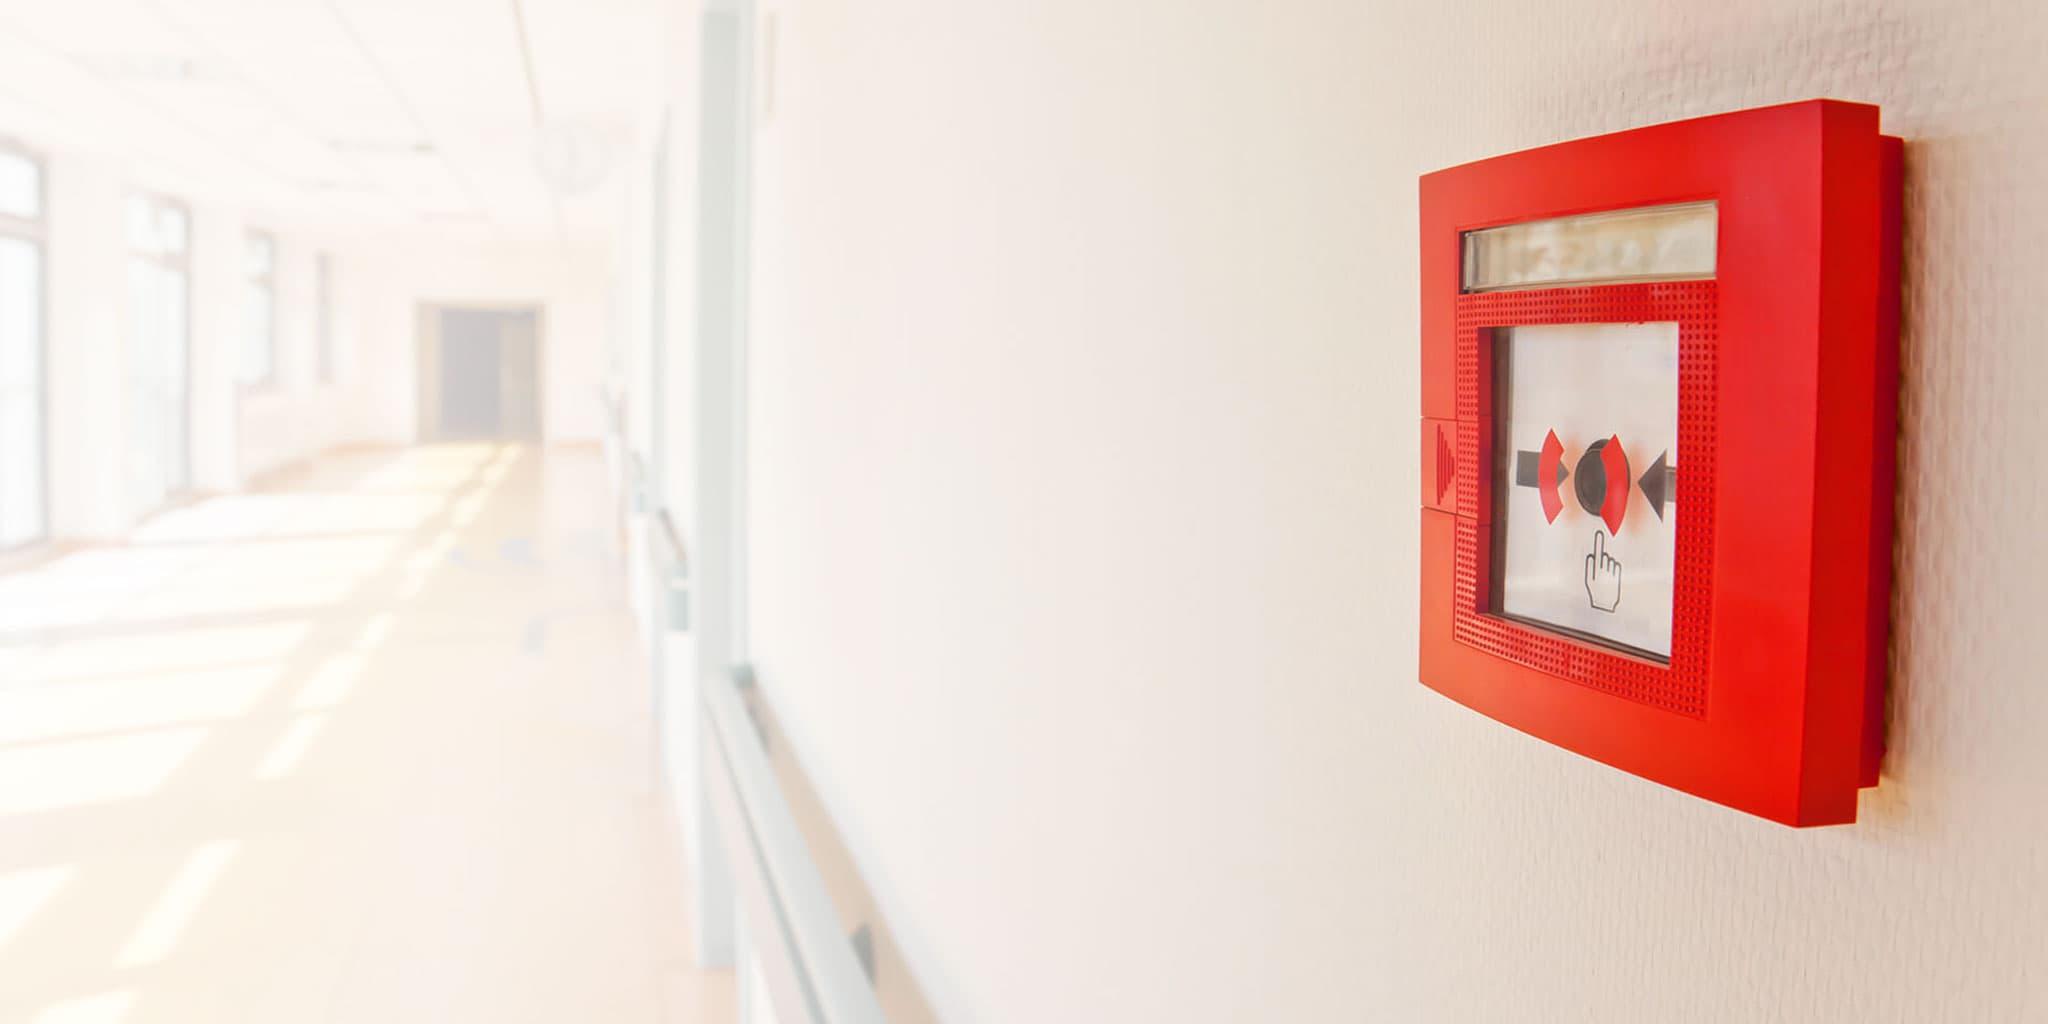 Пожарная безопасность зданий и сооружений